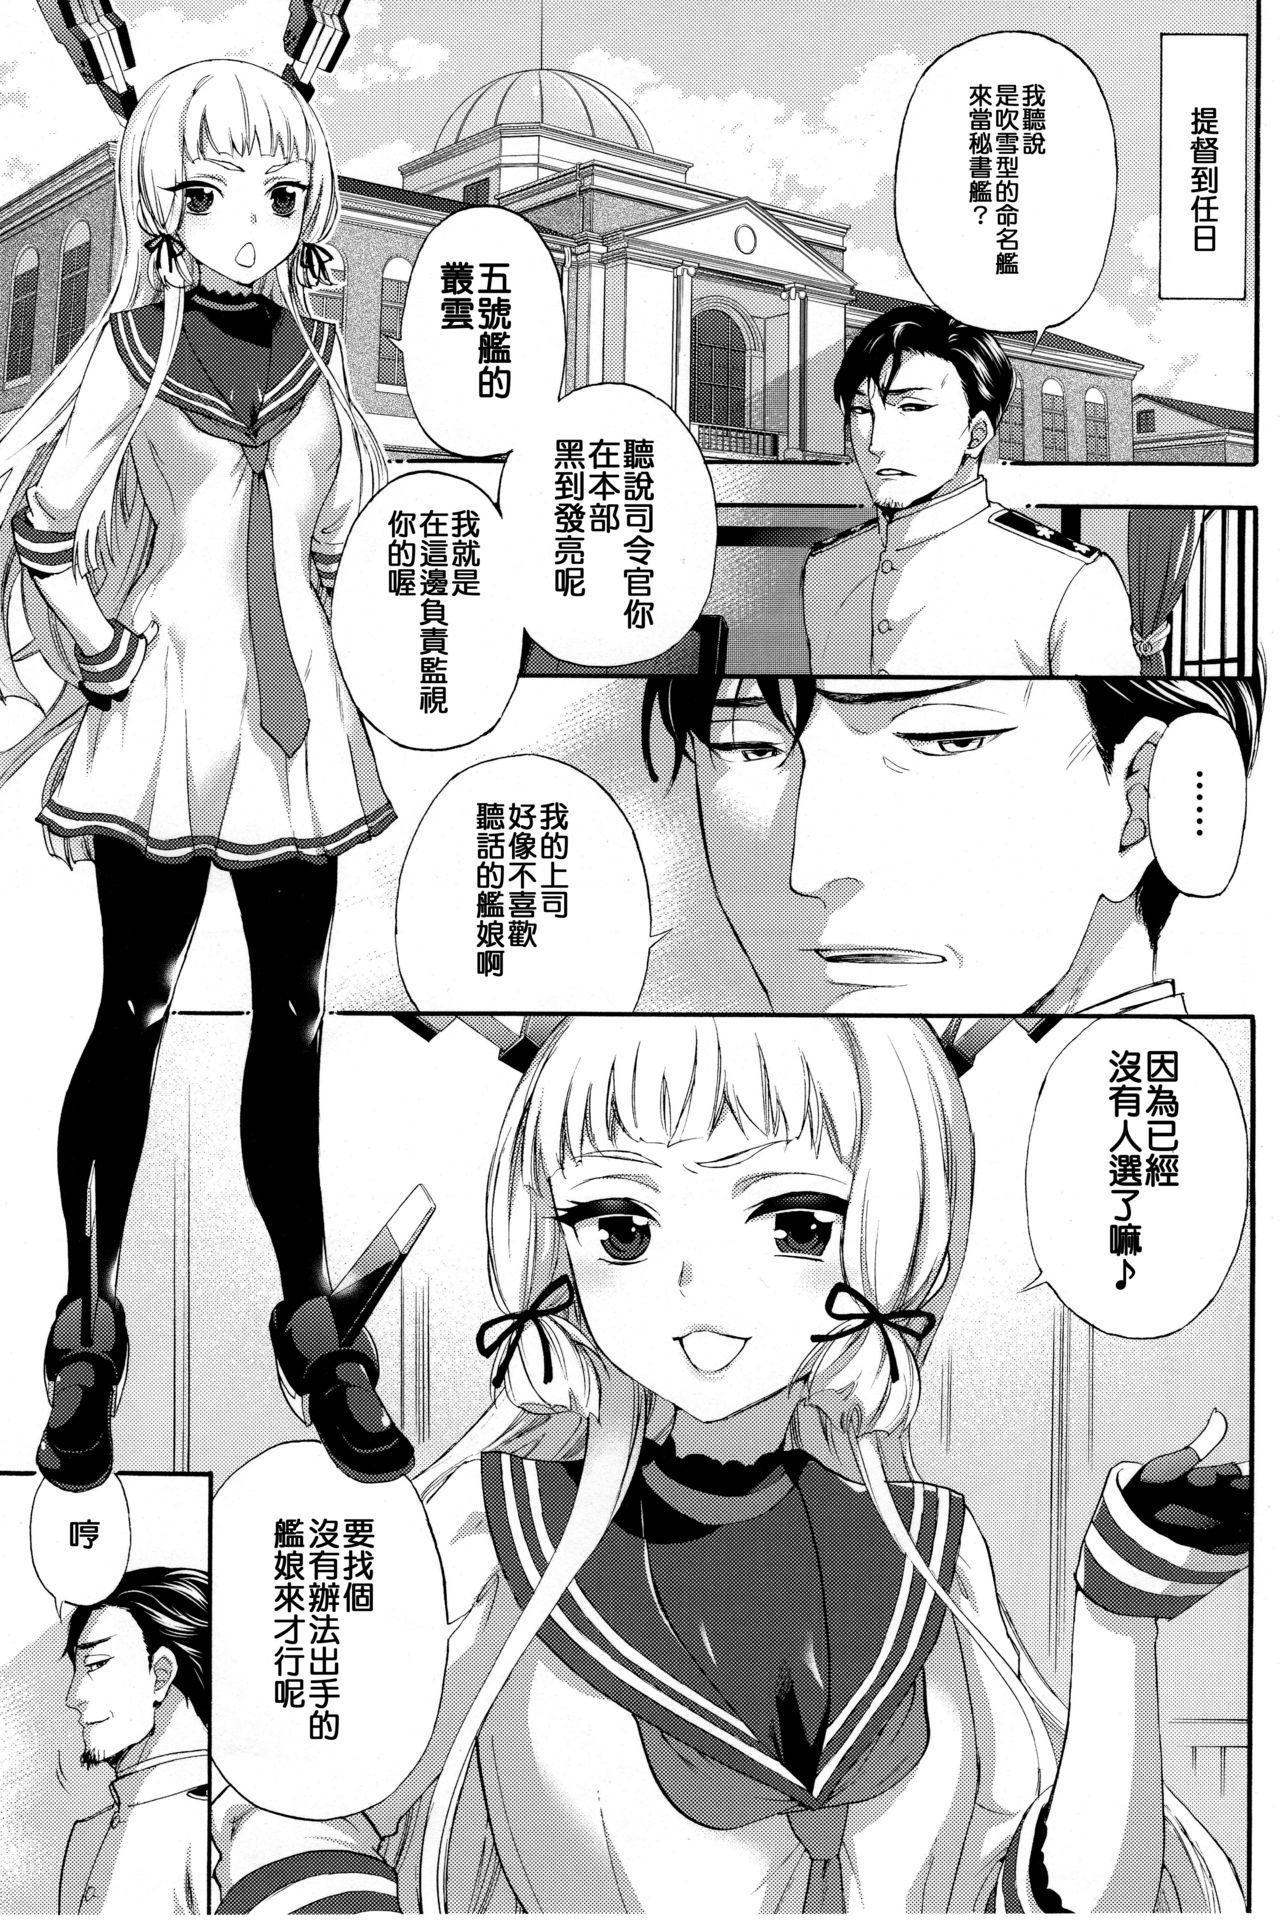 Nemuru Otome no Shitsukekata 1